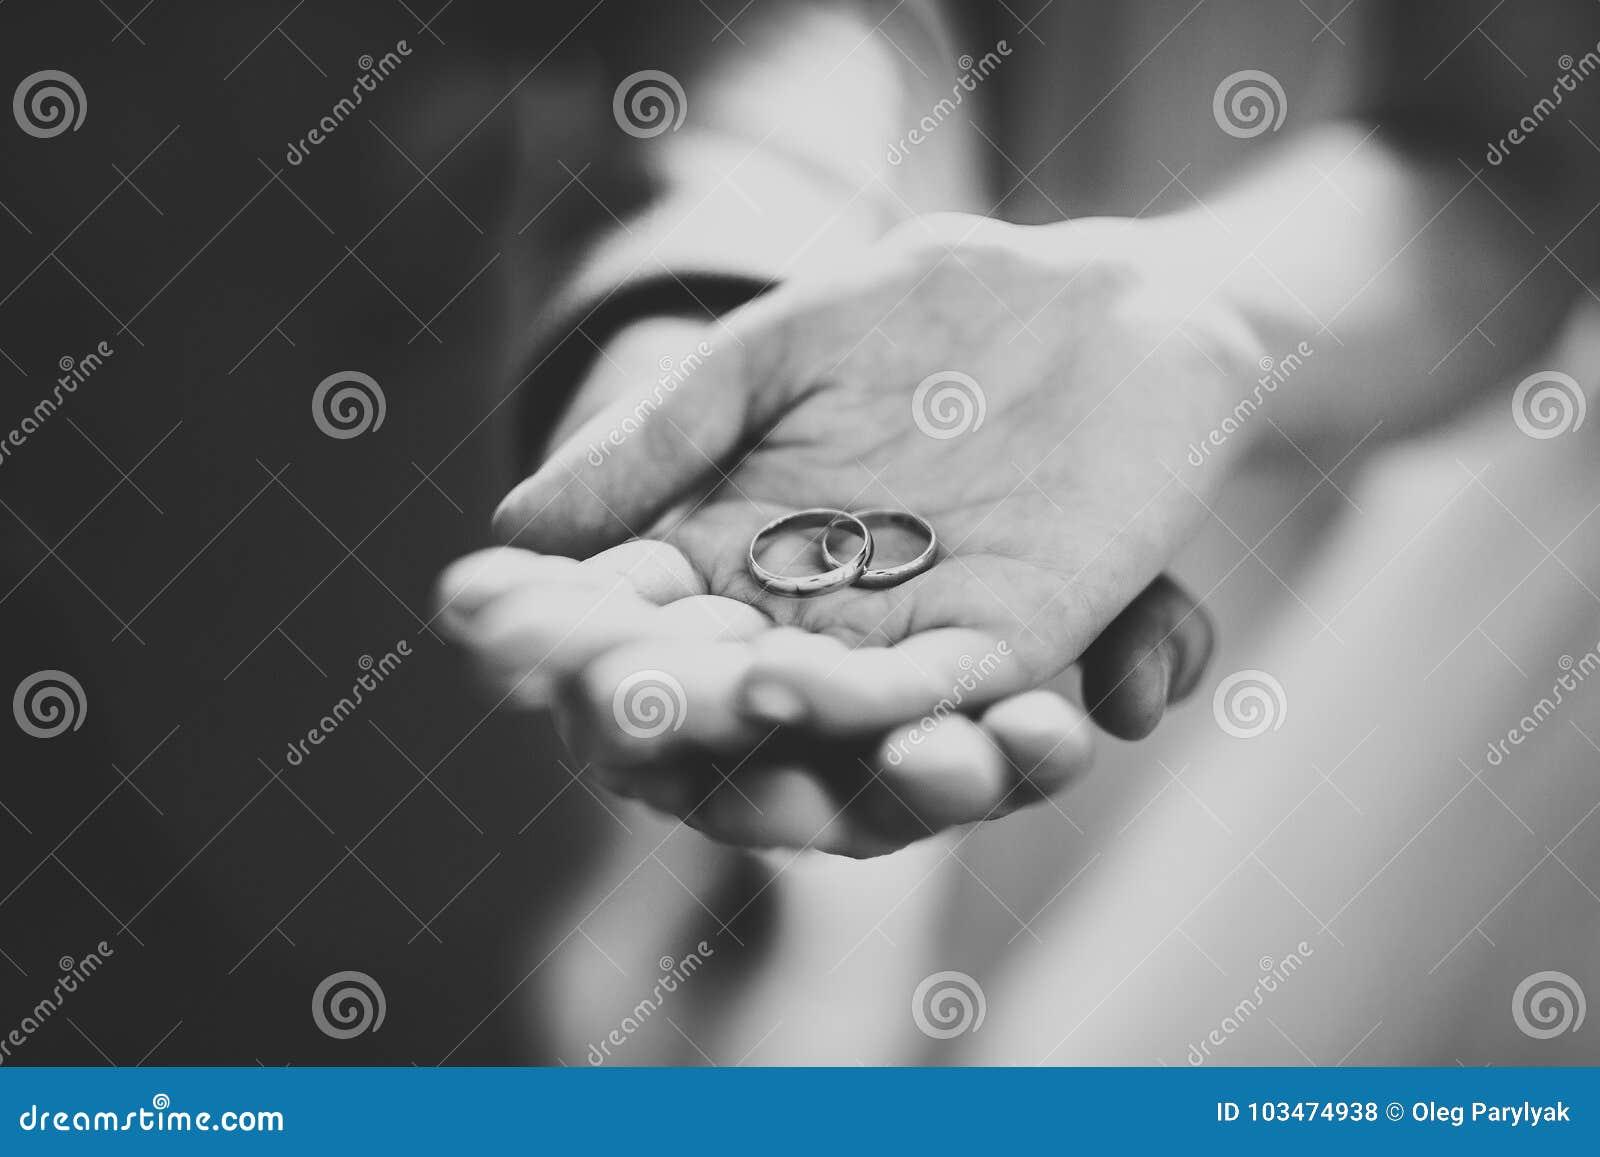 Νύφη και νεόνυμφος που ανταλλάσσουν τα γαμήλια δαχτυλίδια Μοντέρνη επίσημη τελετή ζευγών